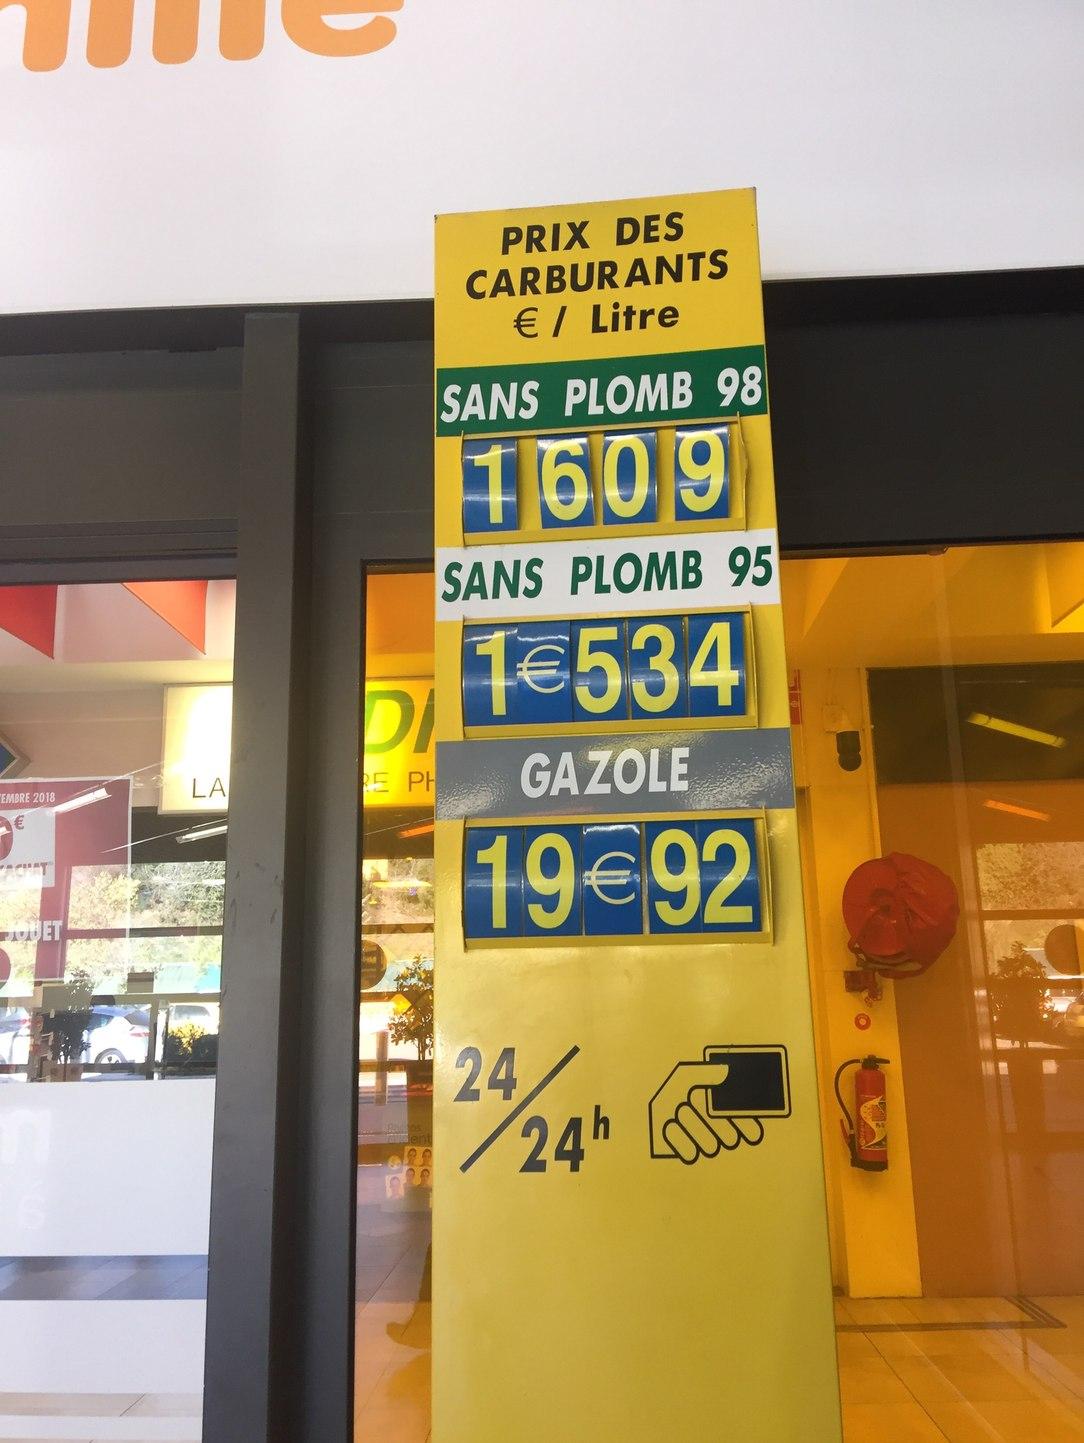 Ça y est le prix du diesel a dépassé celui de l'essence ! - meme